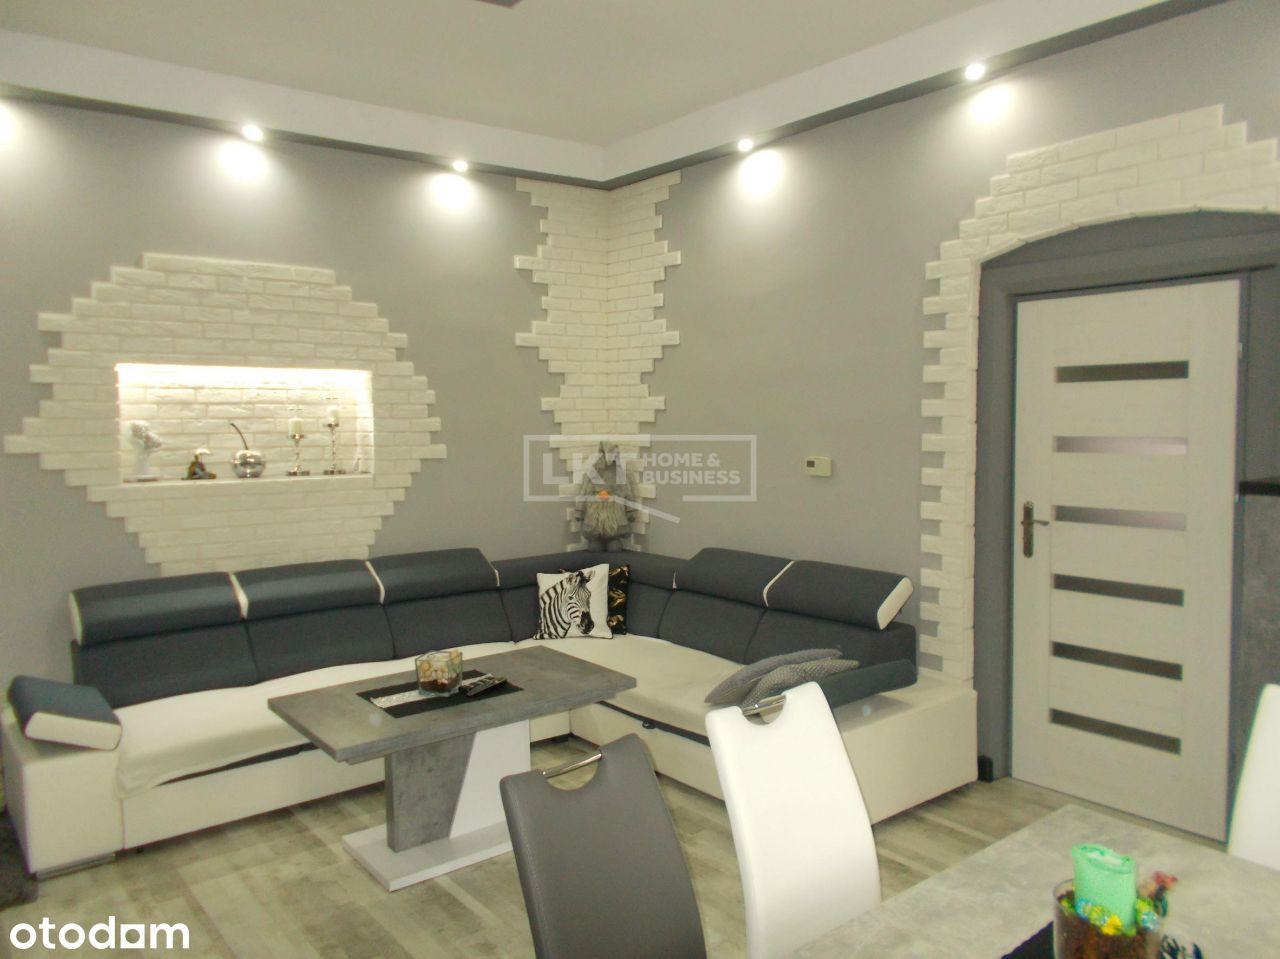 Mieszkanie 4 pokojowe w atrakcyjnej kamienicy